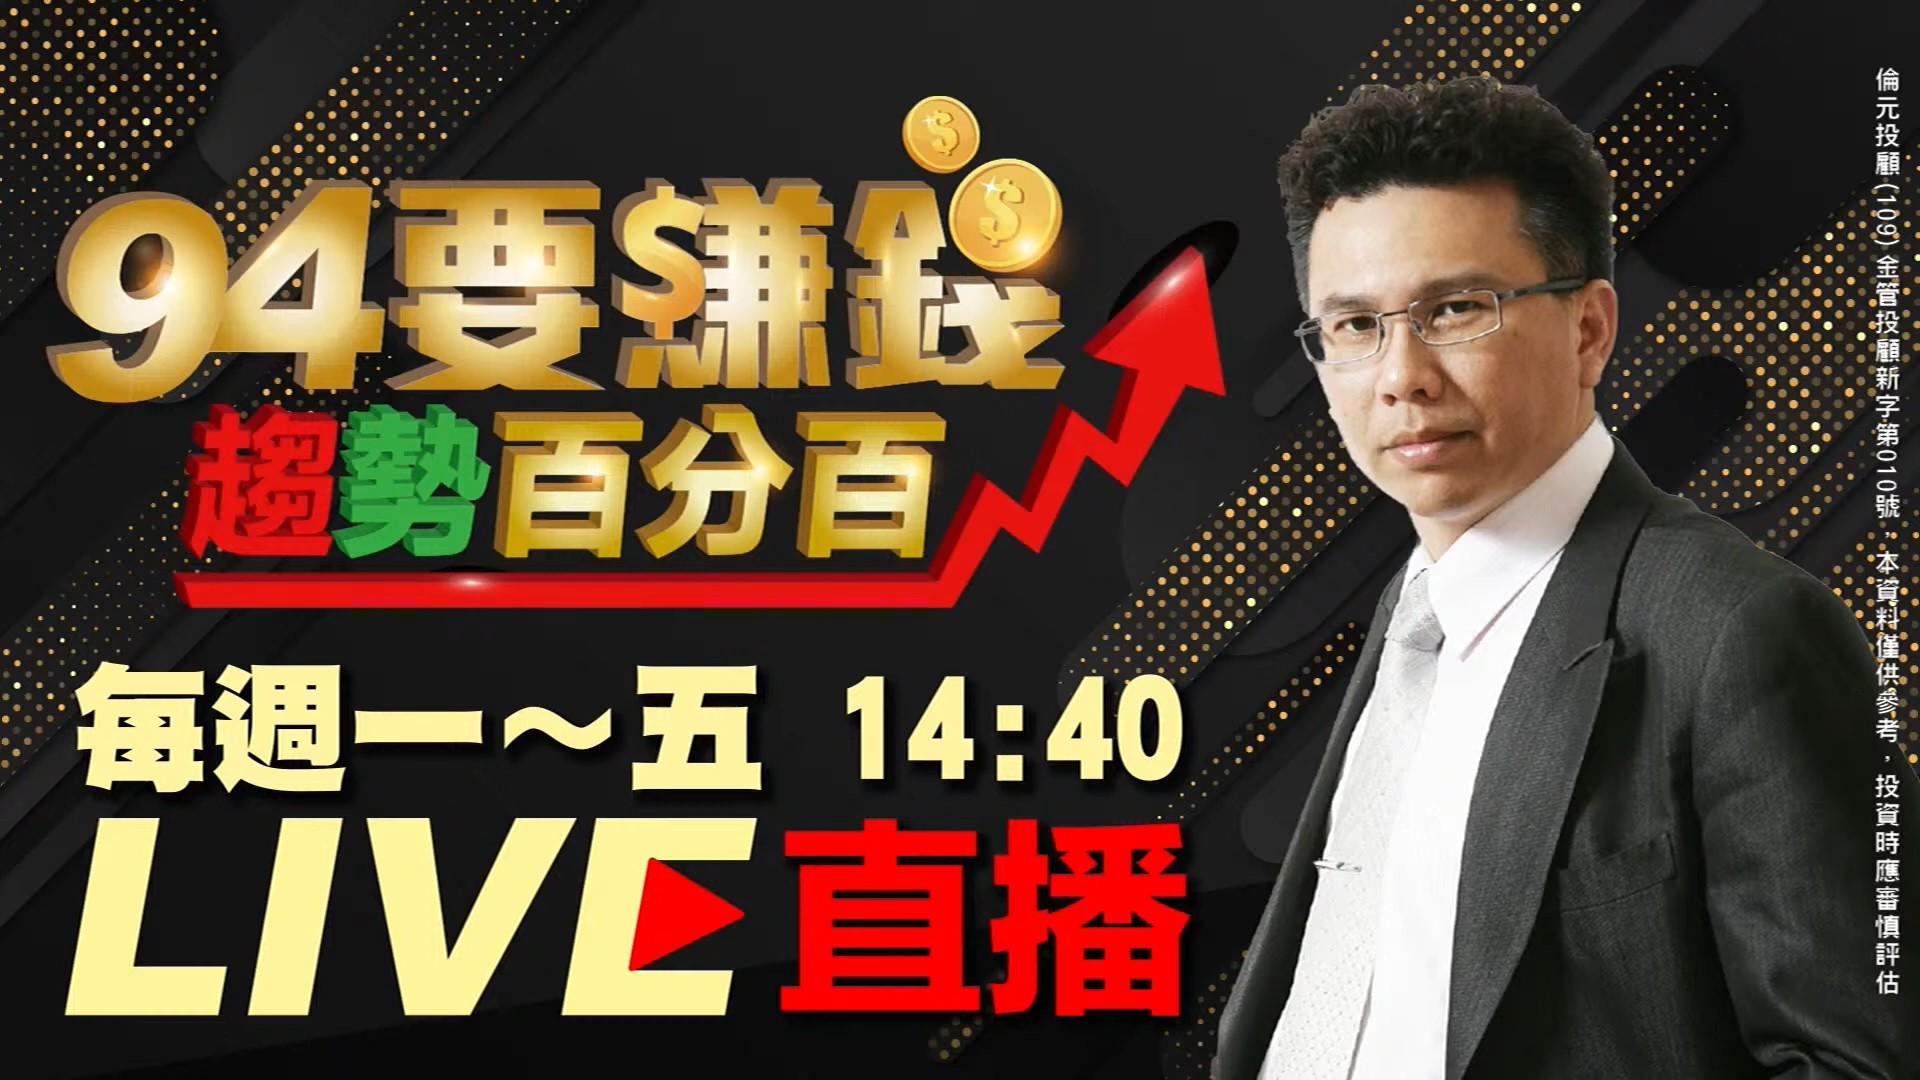 【94要賺錢/趨勢百分百】-20210122-王信傑